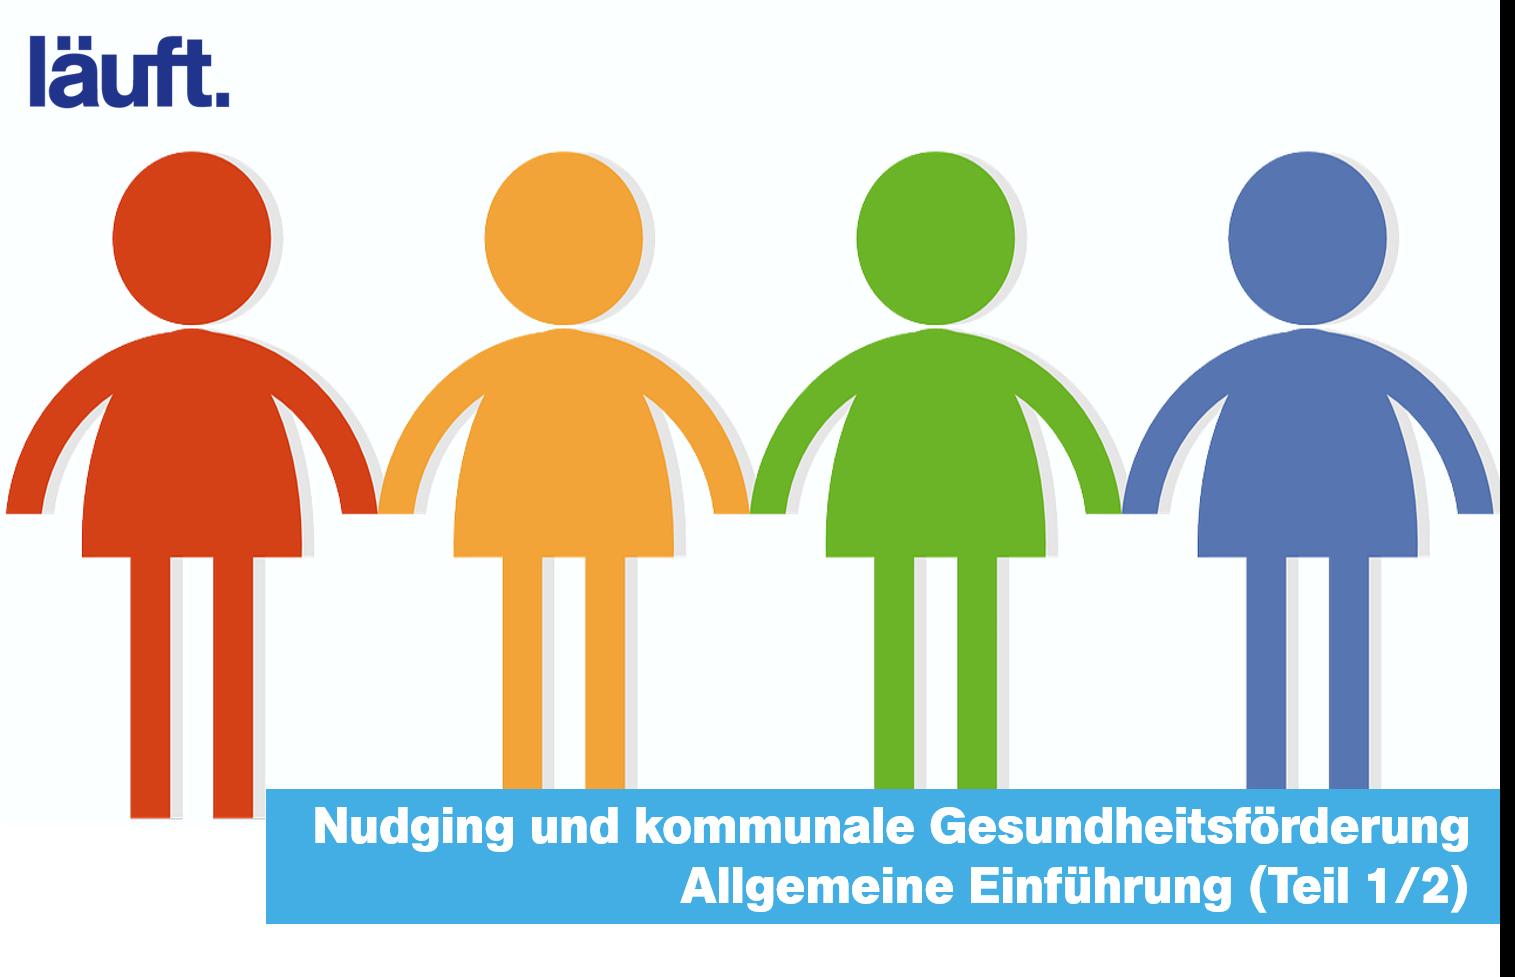 Kommunale Gesundheitsförderung durch Nudging – Allgemeine Empfehlungen und attraktive Gesundheitskommunikation